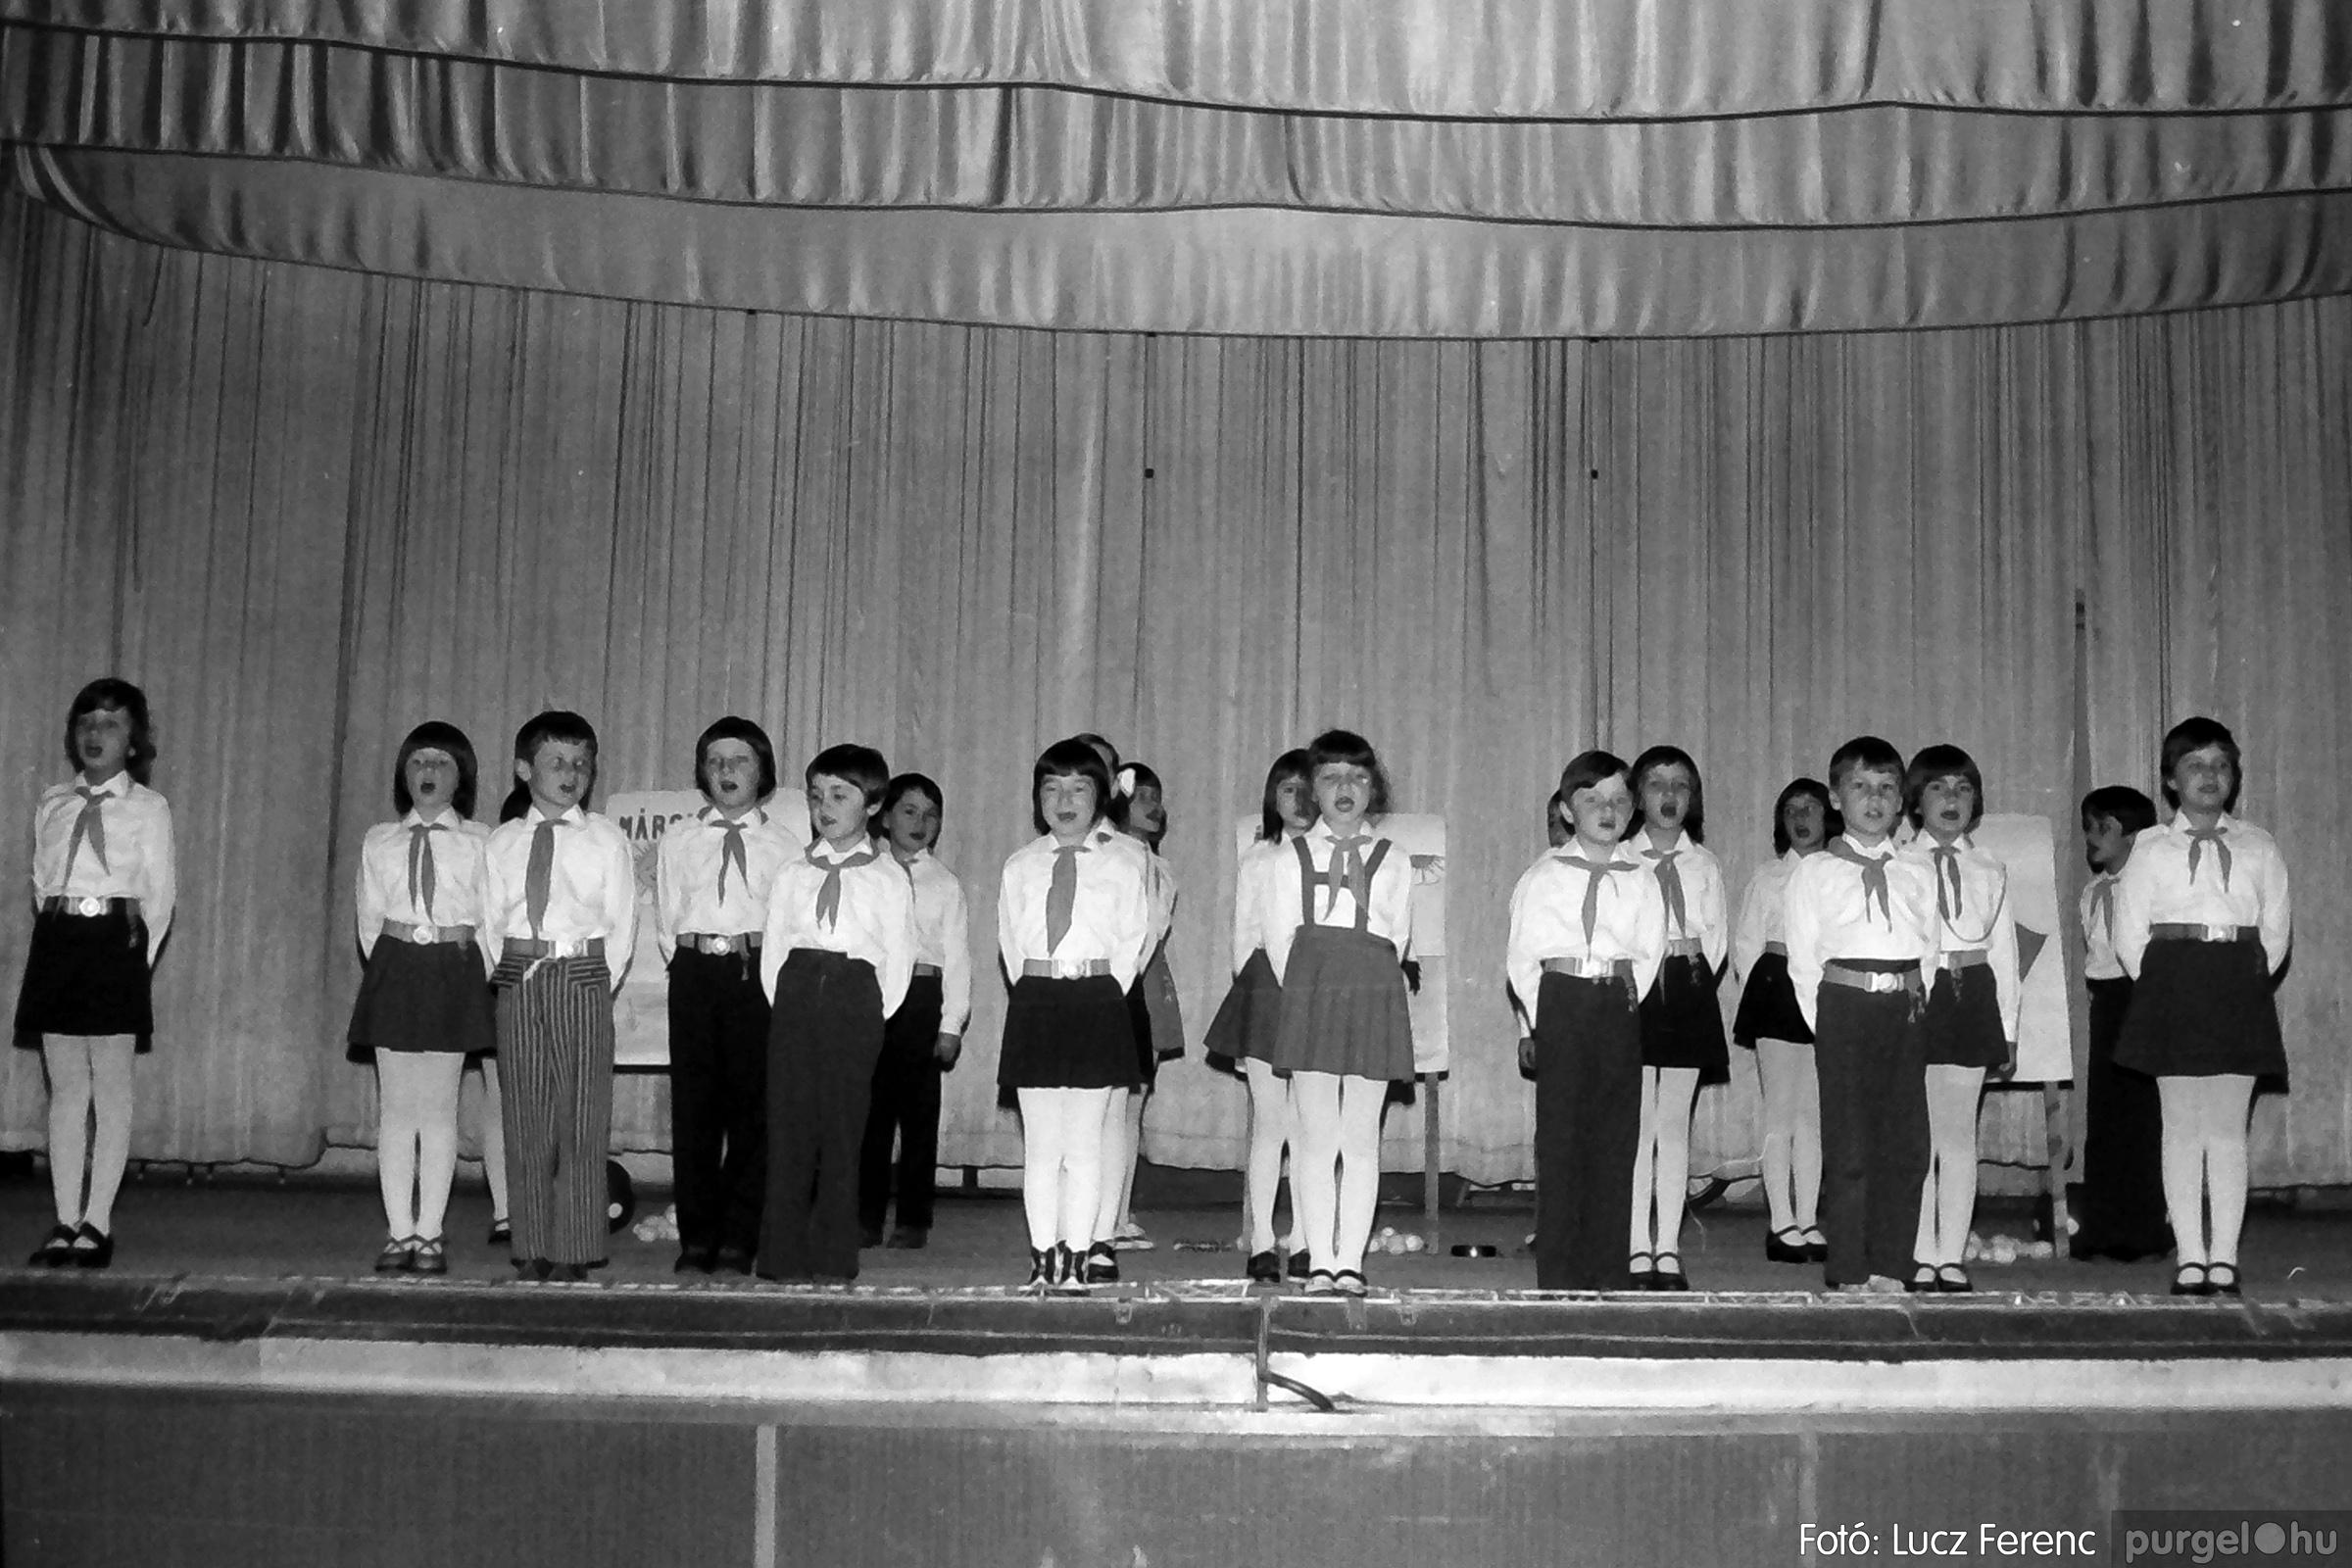 076. 1977. Iskolások fellépése a kultúrházban 014. - Fotó: Lucz Ferenc.jpg